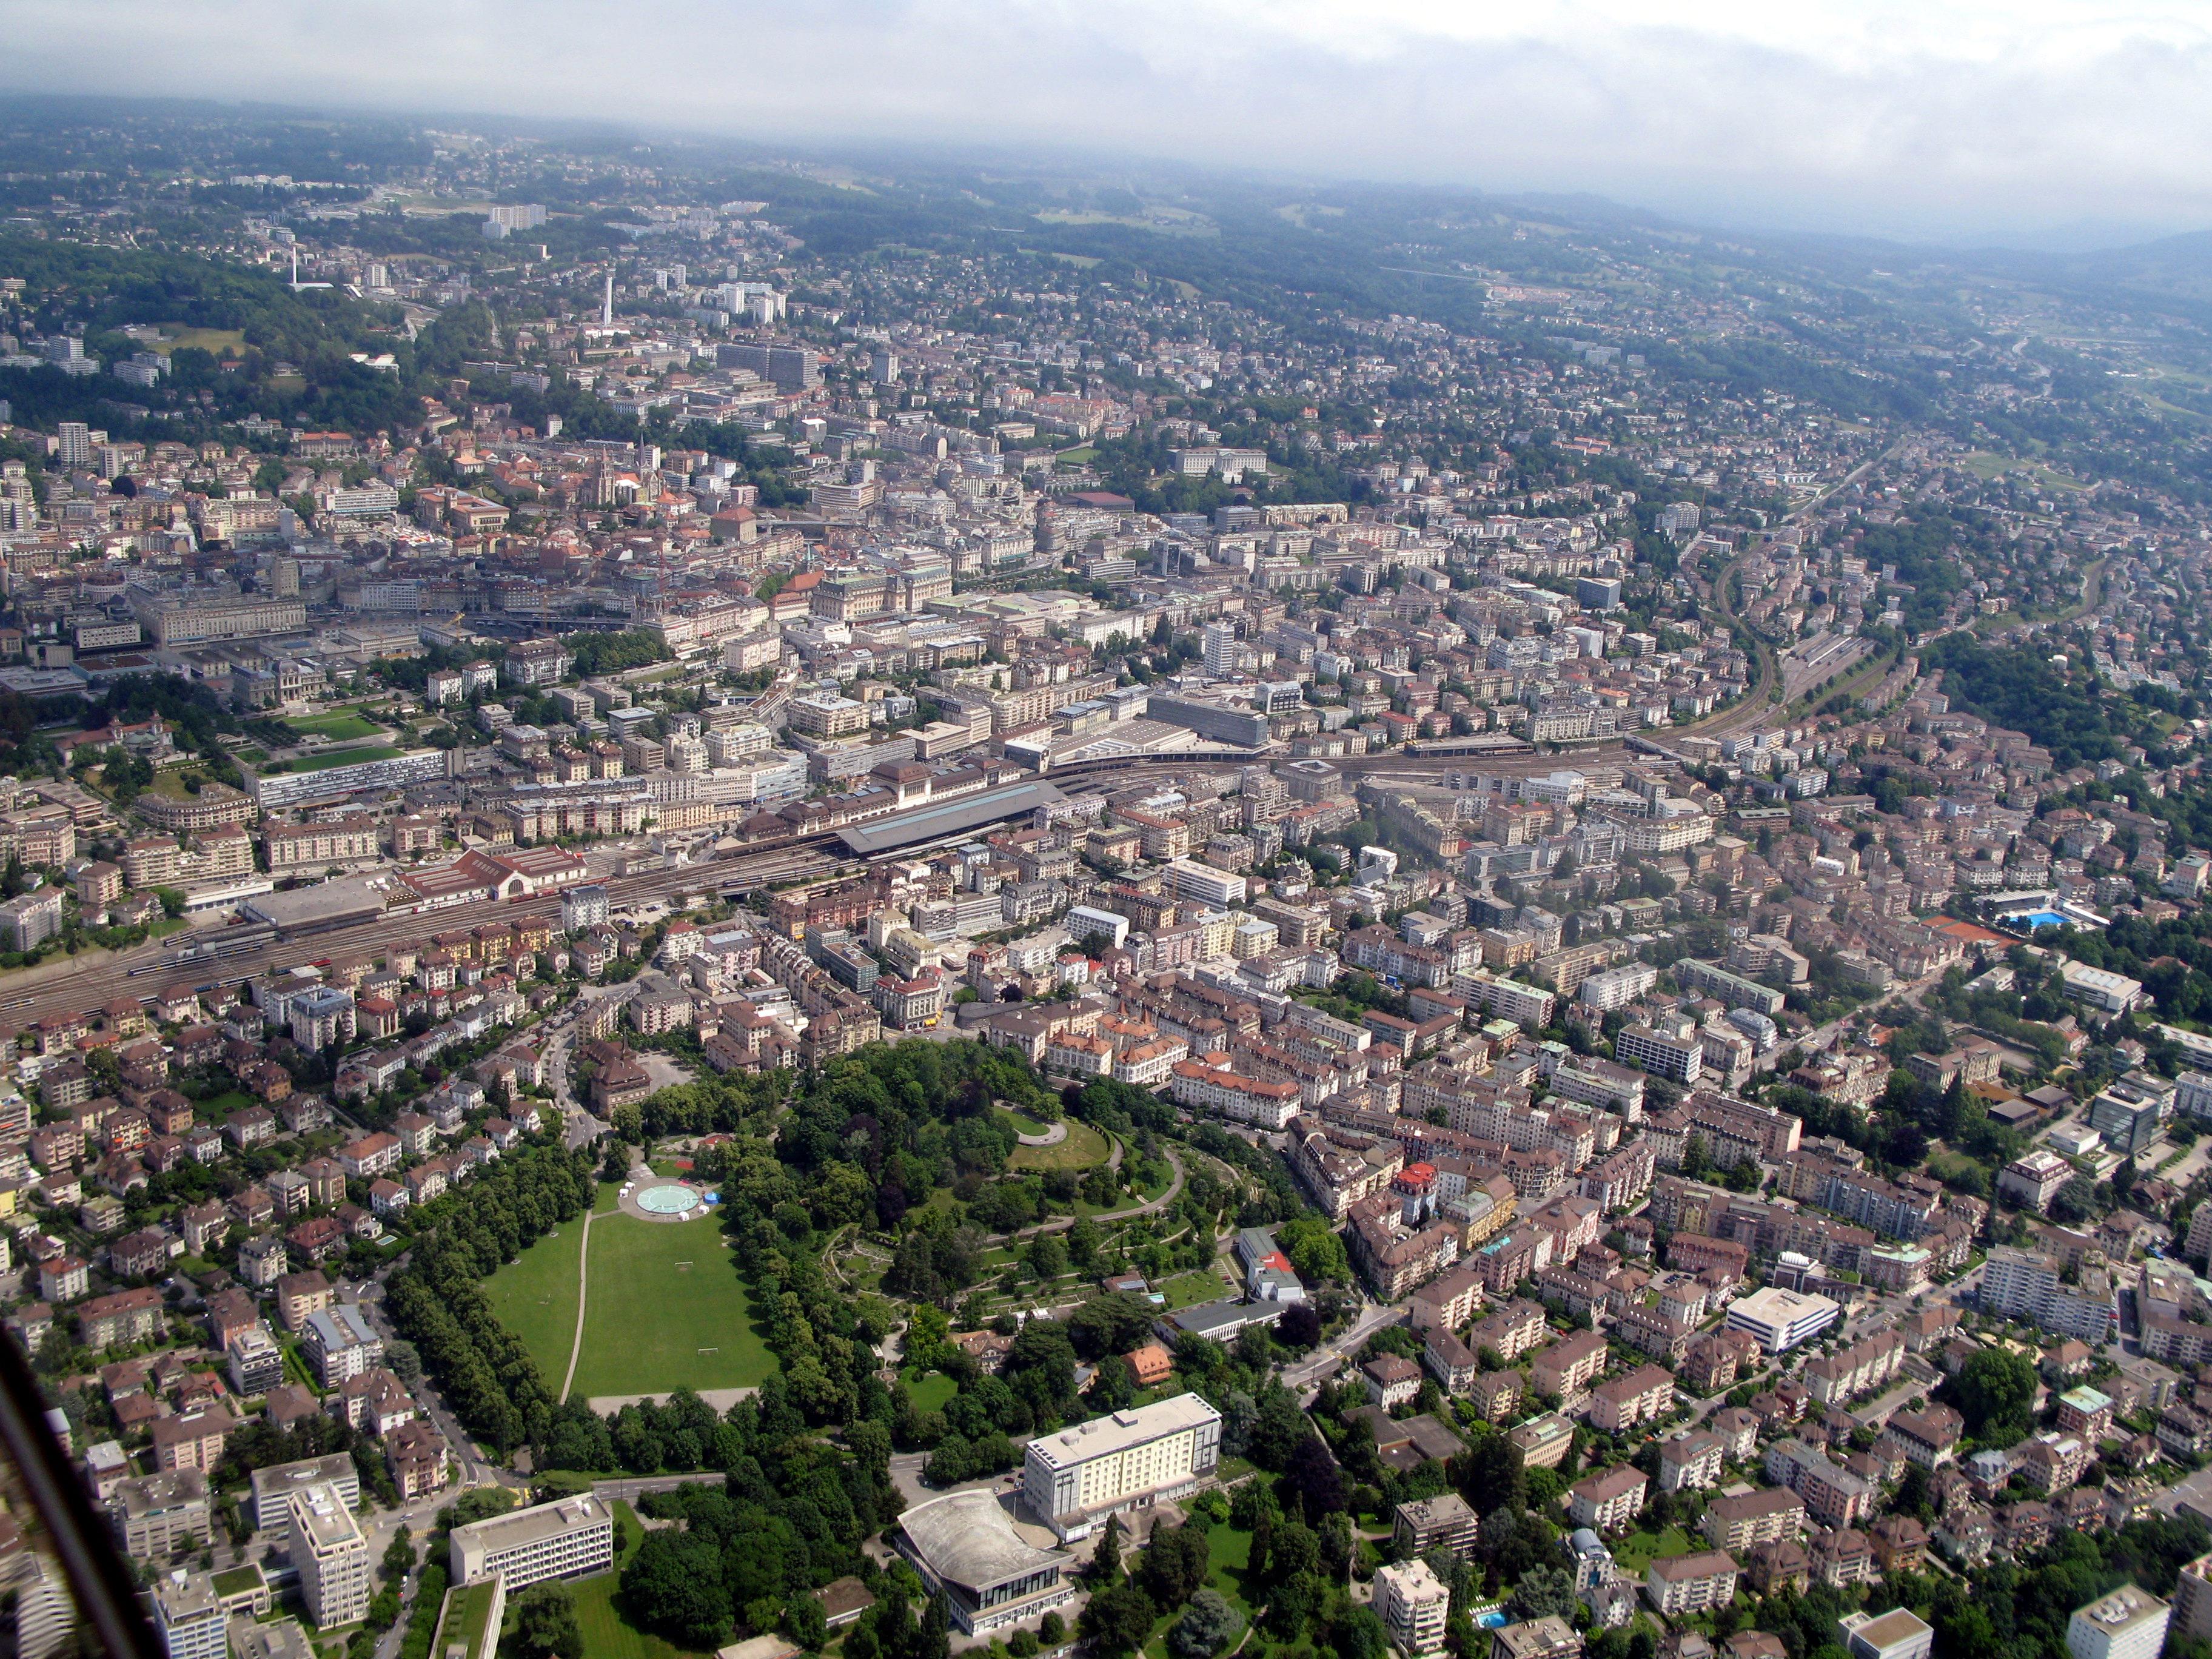 Aperçu de Lausanne - (c) Rama